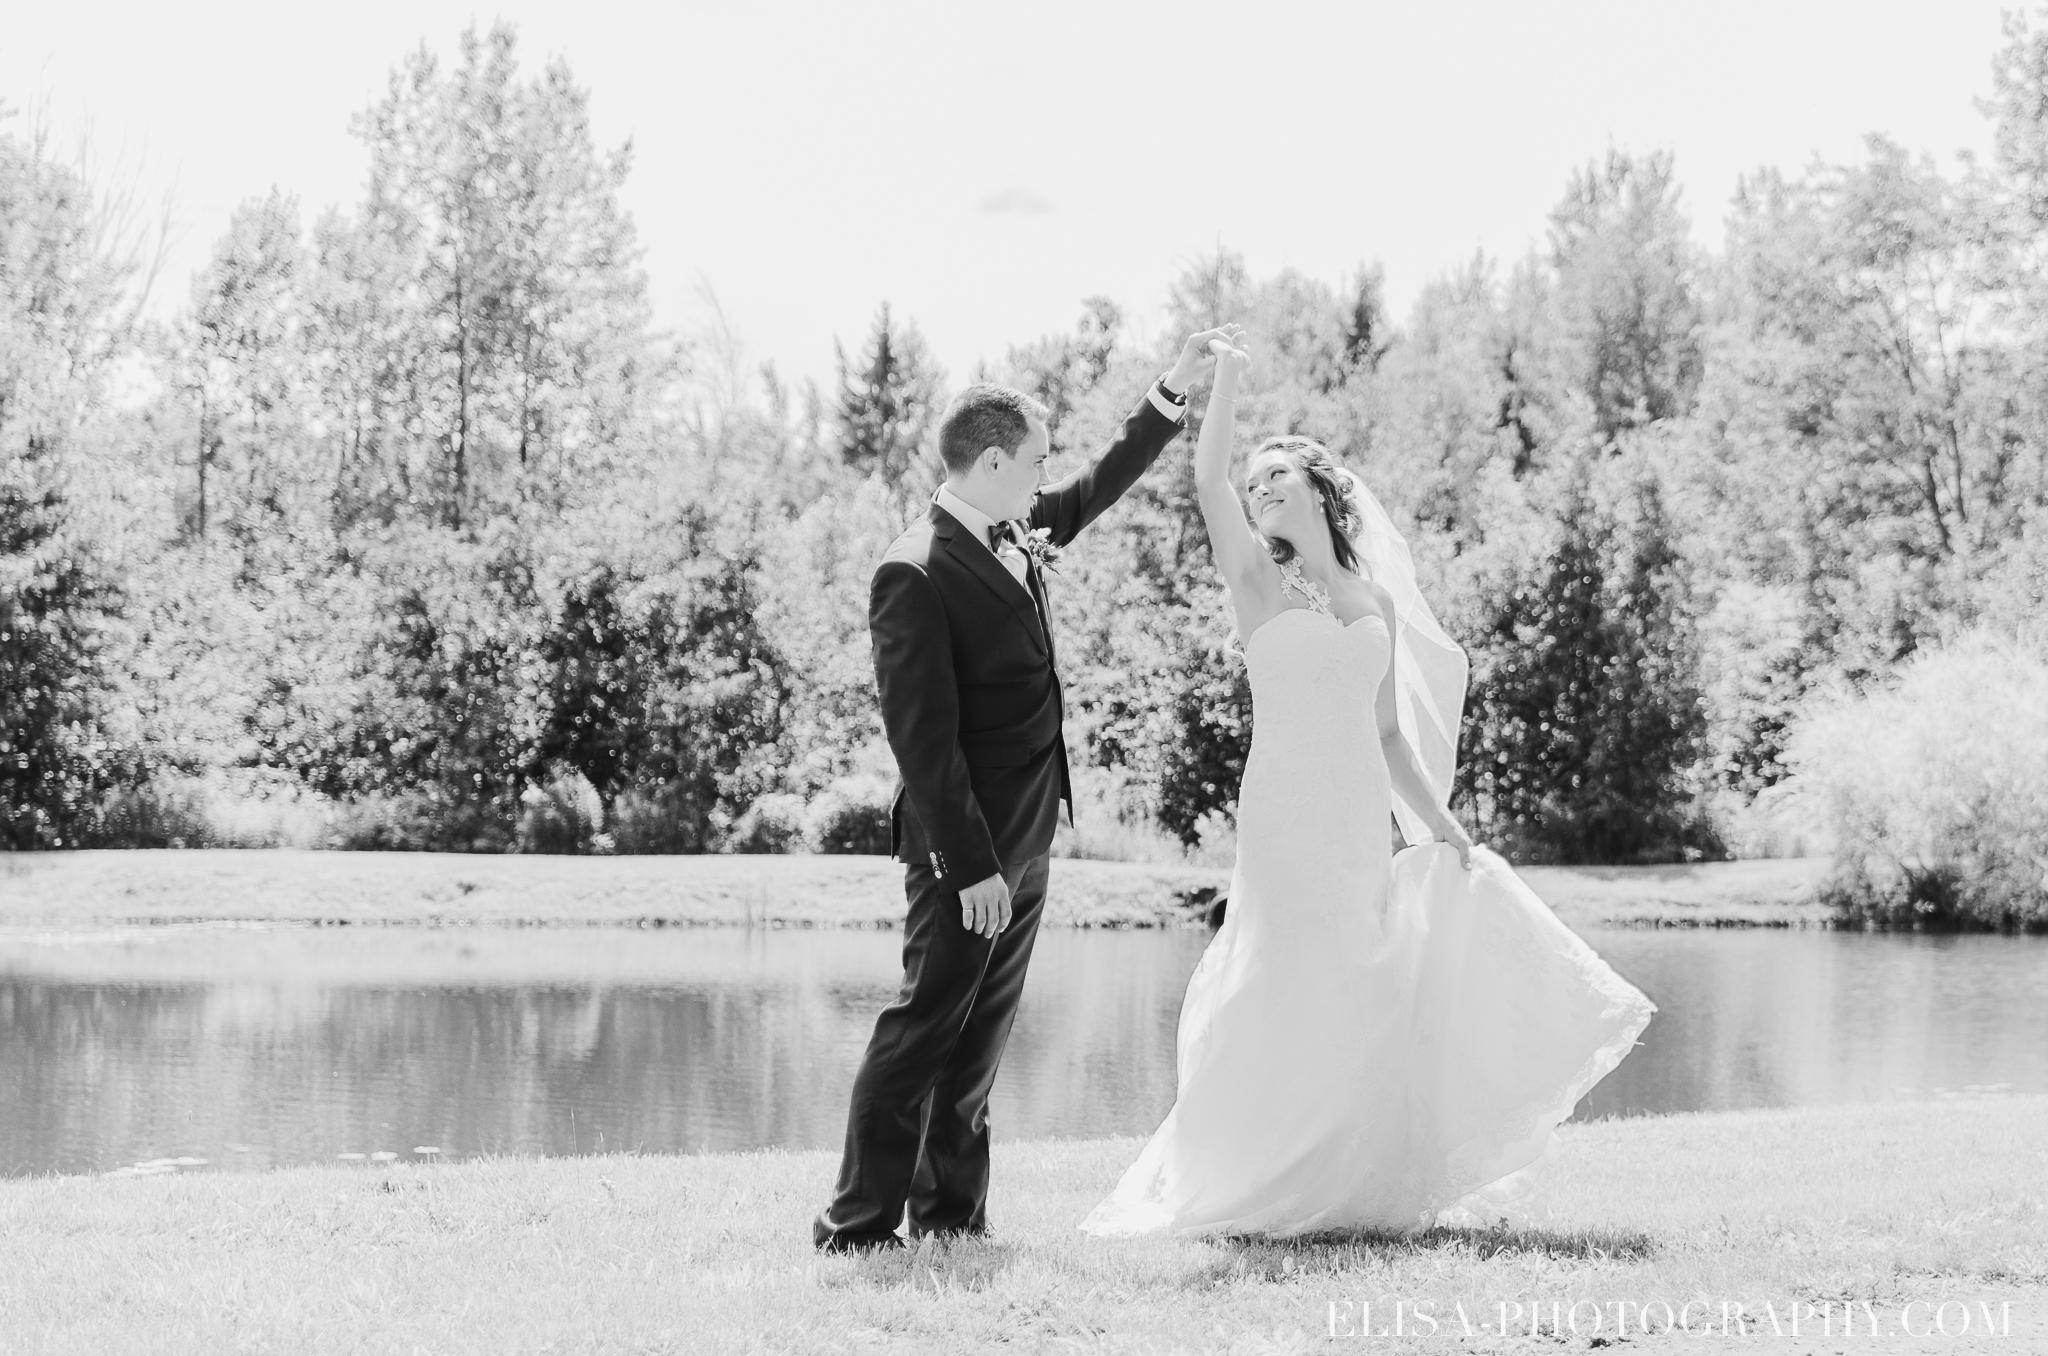 photo mariage grange rouge quebec conifere sapin couple foret multicolor 0196 - Mariage coloré à la grange rouge de Brompton